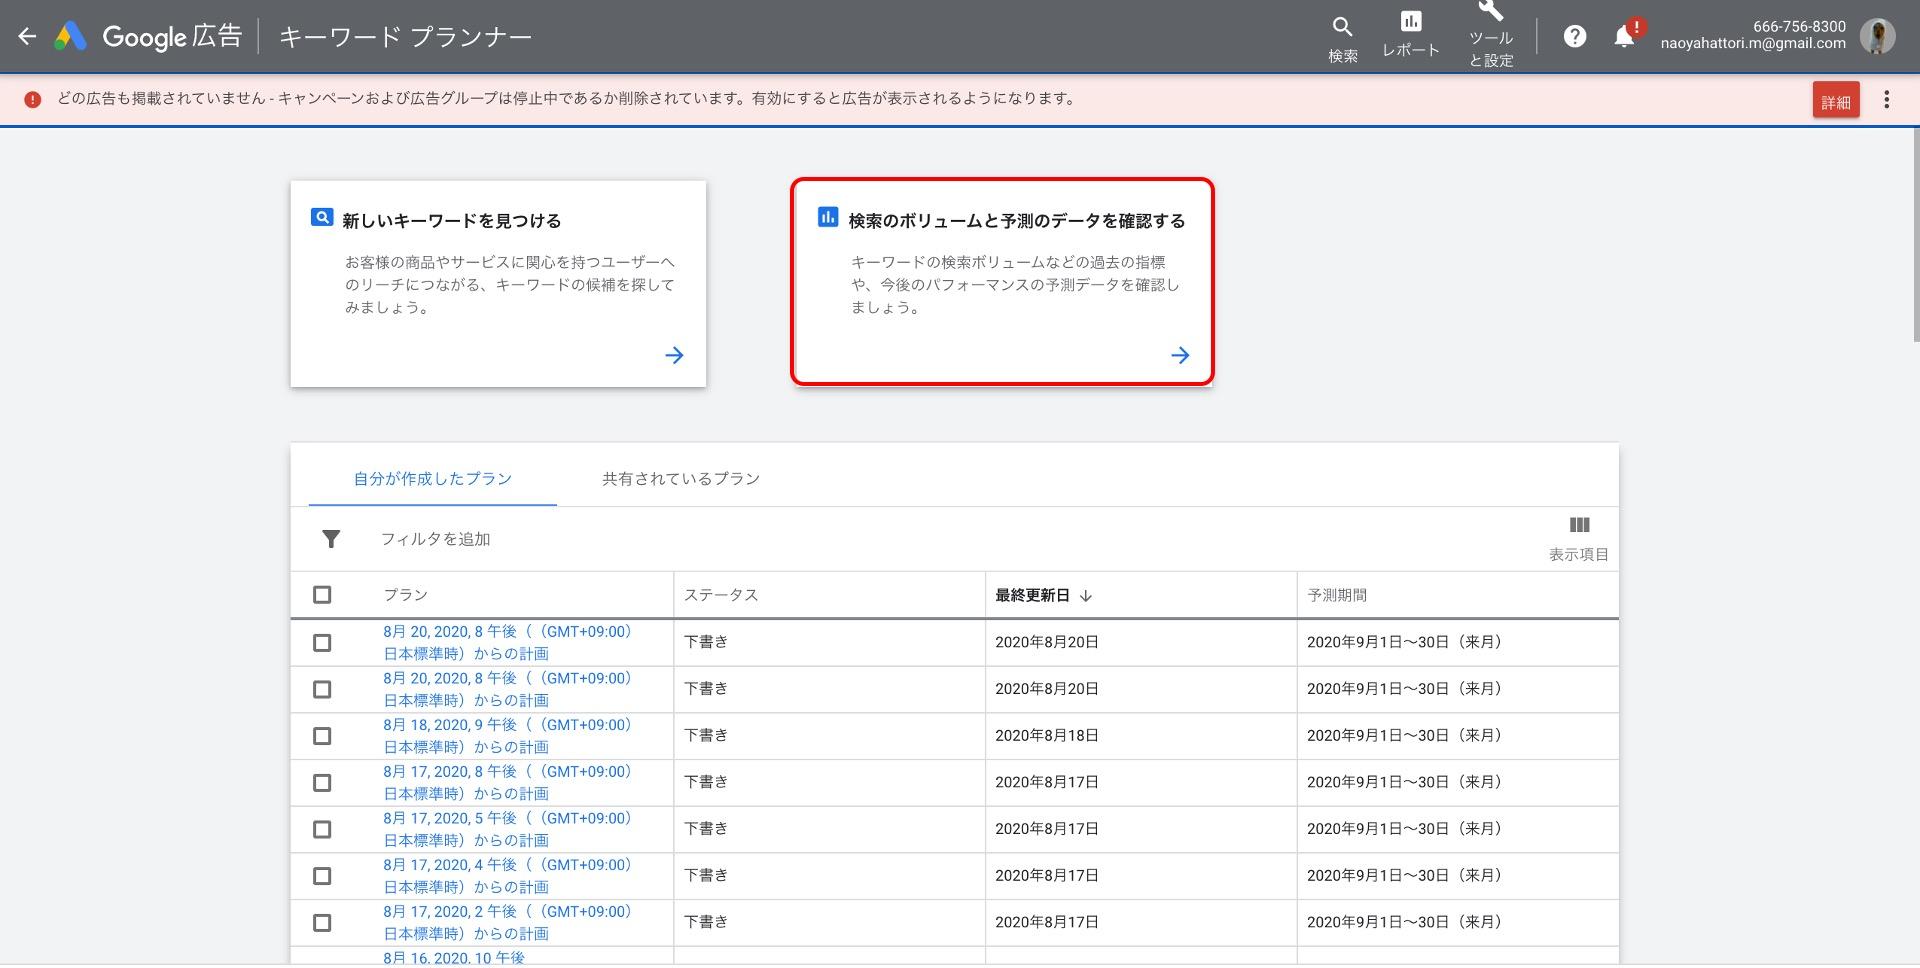 キーワードプランナーの「検索ボリュームと予測データを確認する」をクリック